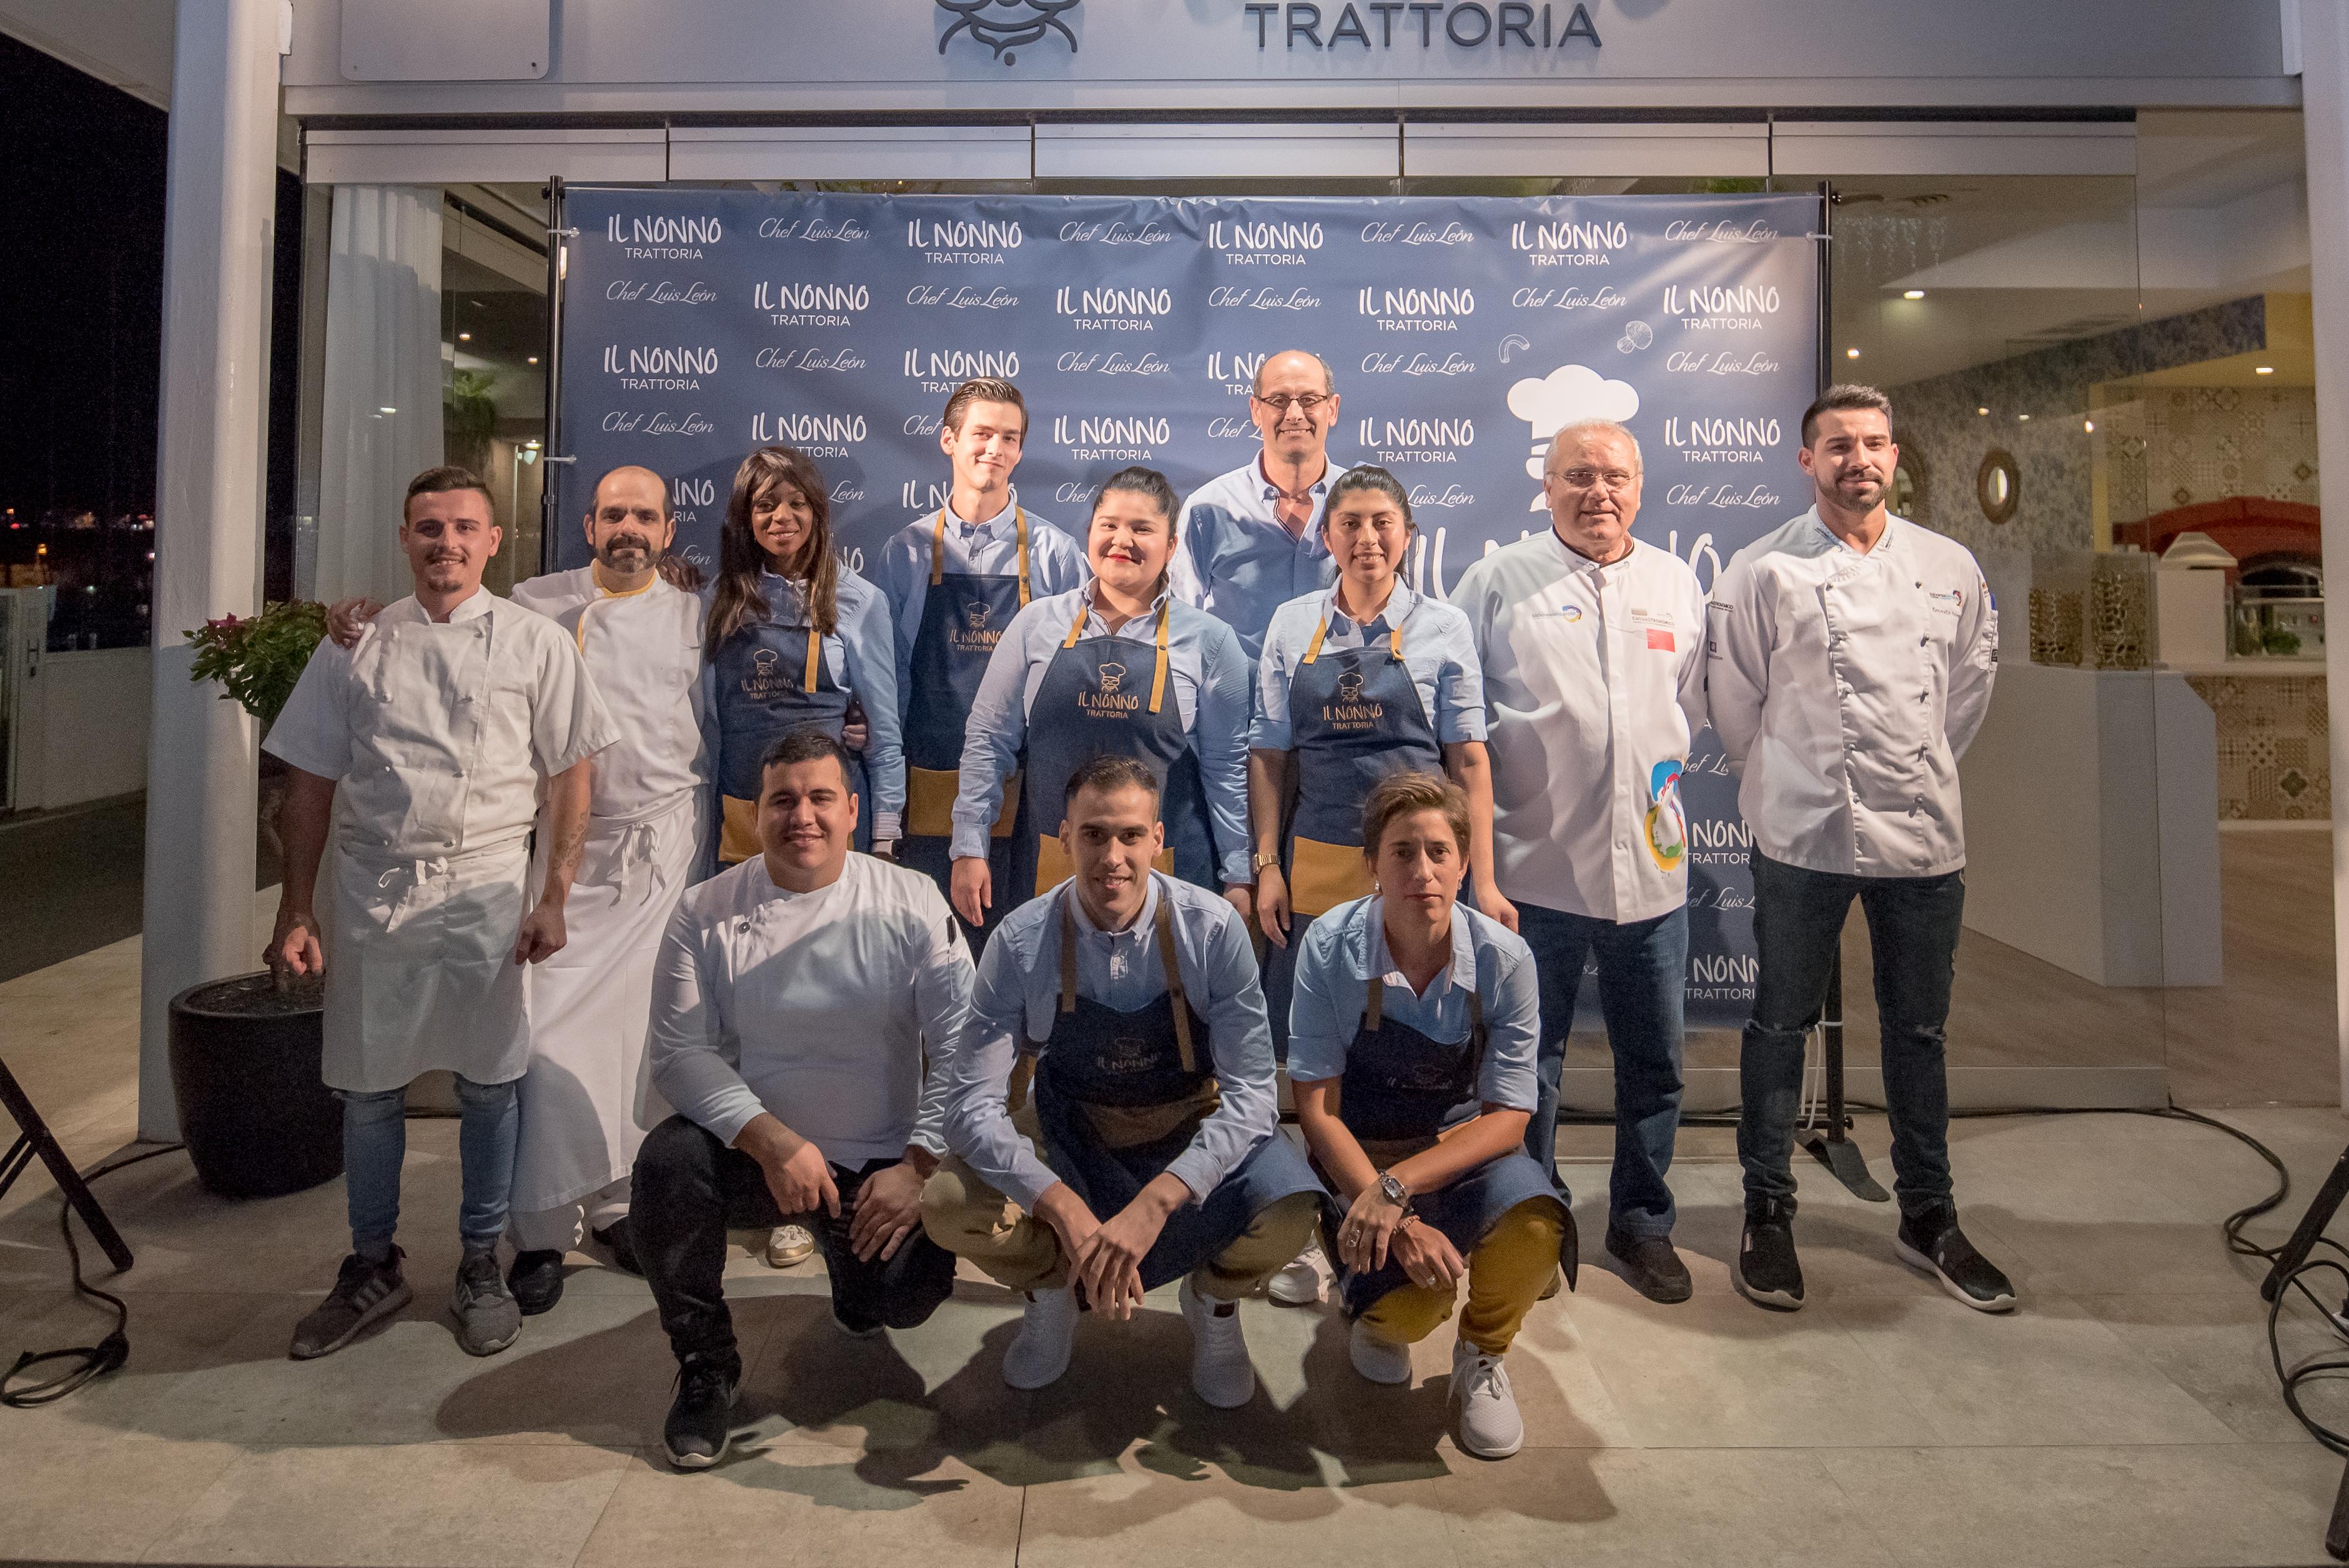 Trattoria Il Nonno, la nueva apuesta del chef Luis León, abre sus puertas en Marina Lanzarote